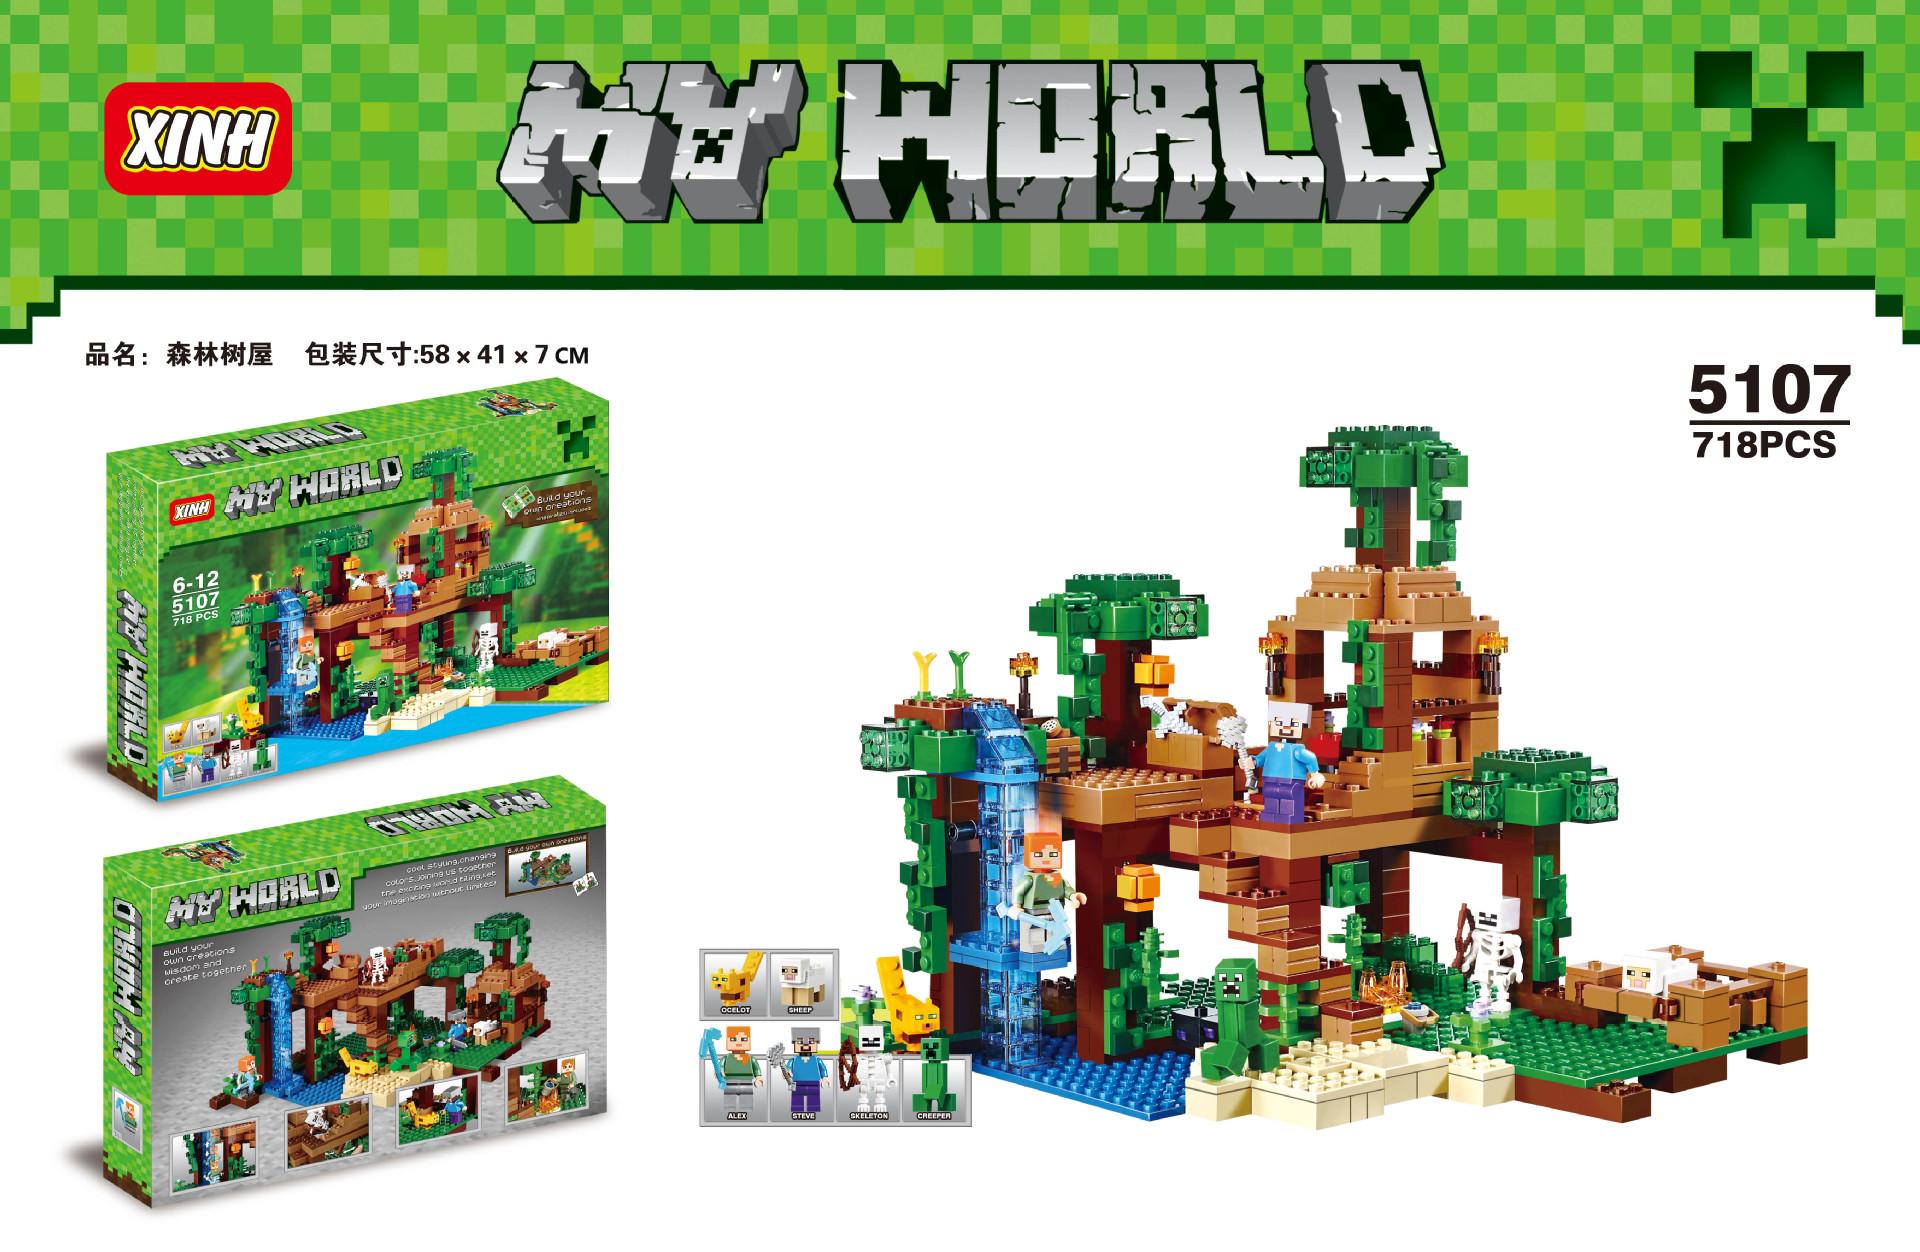 我的世界森林树屋 树屋 益智拼装积木欣宏xinh 5107图片